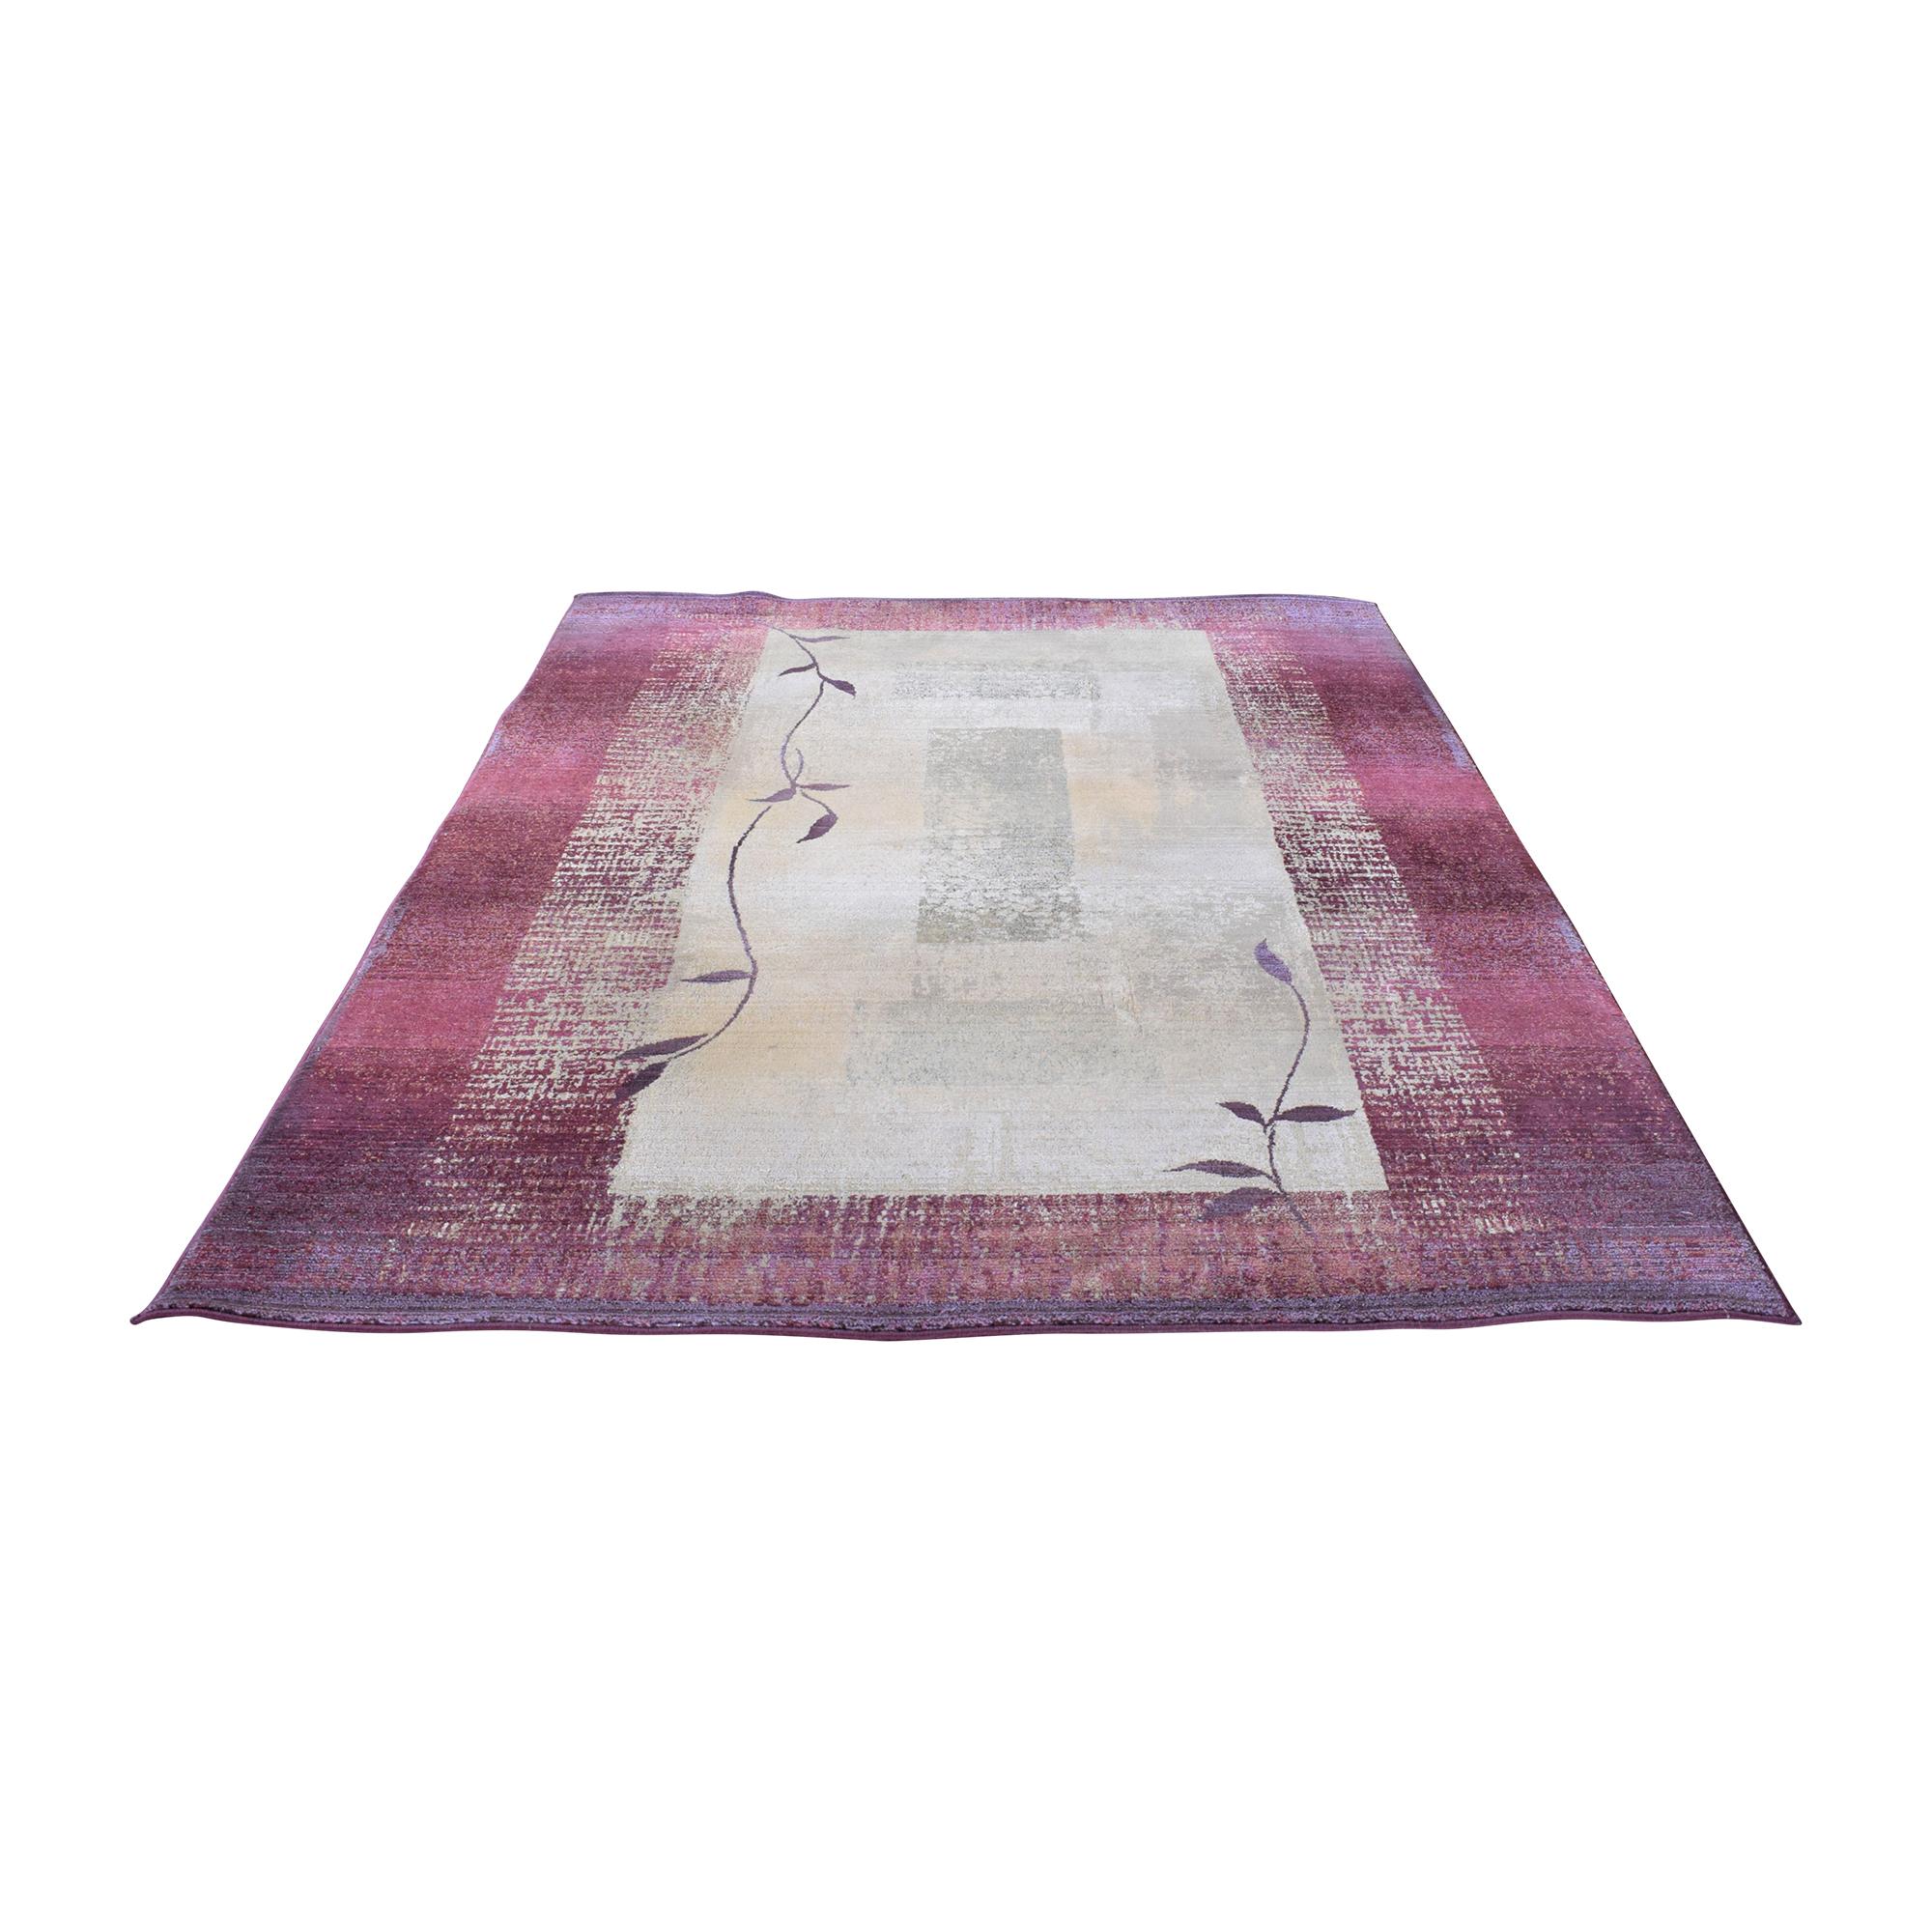 buy Oriental Weavers Oriental Weavers Area Rug online